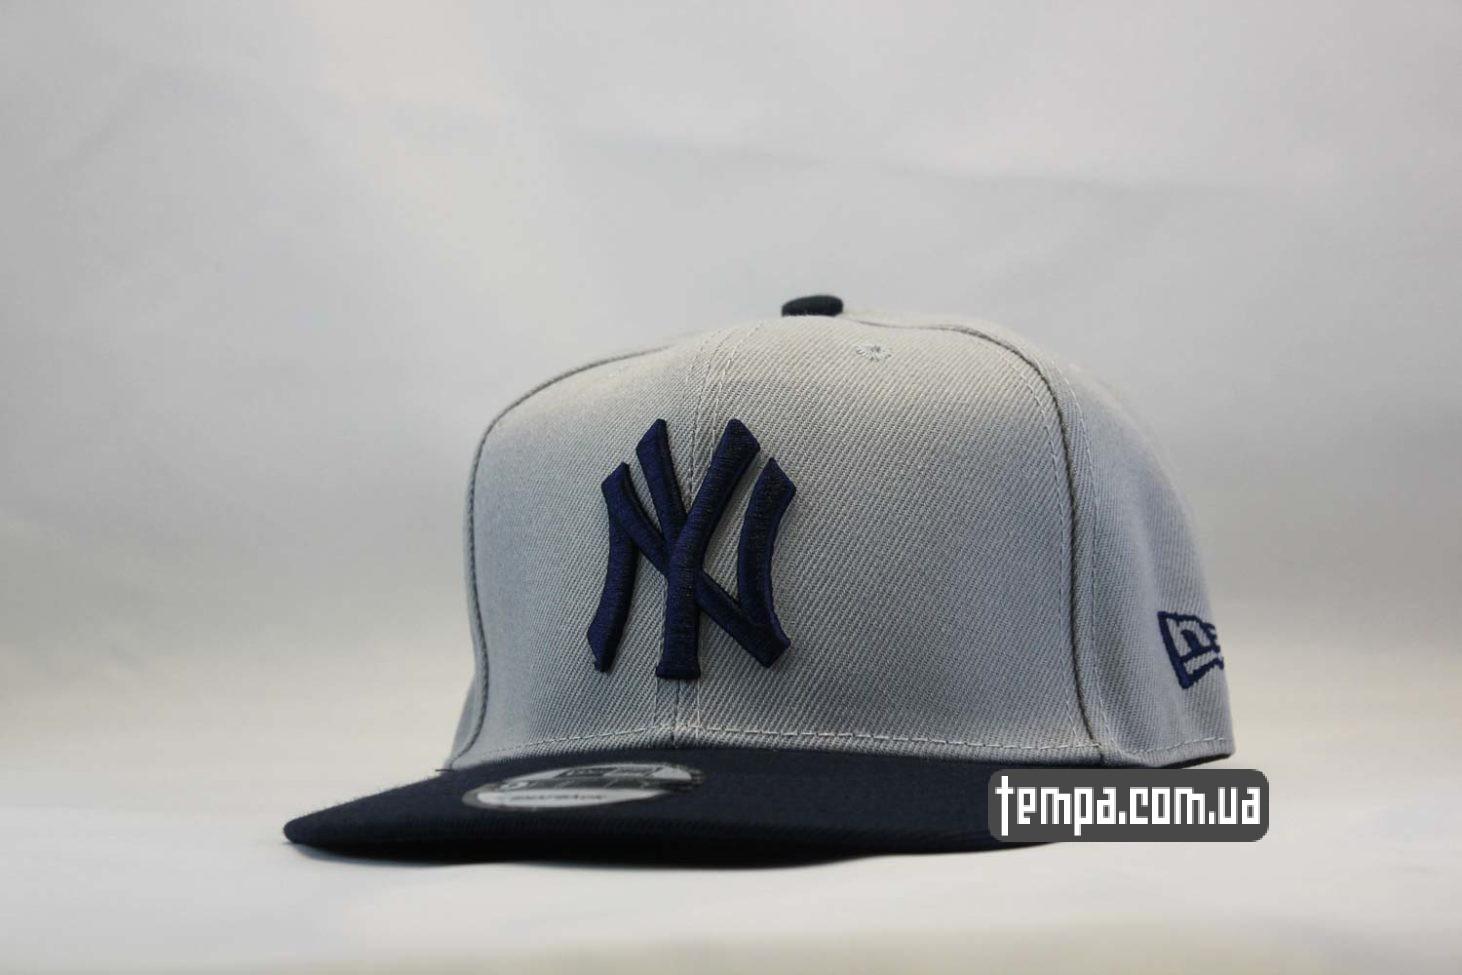 кепка snapback Yankees New York NY New Era серая с синим логотипом